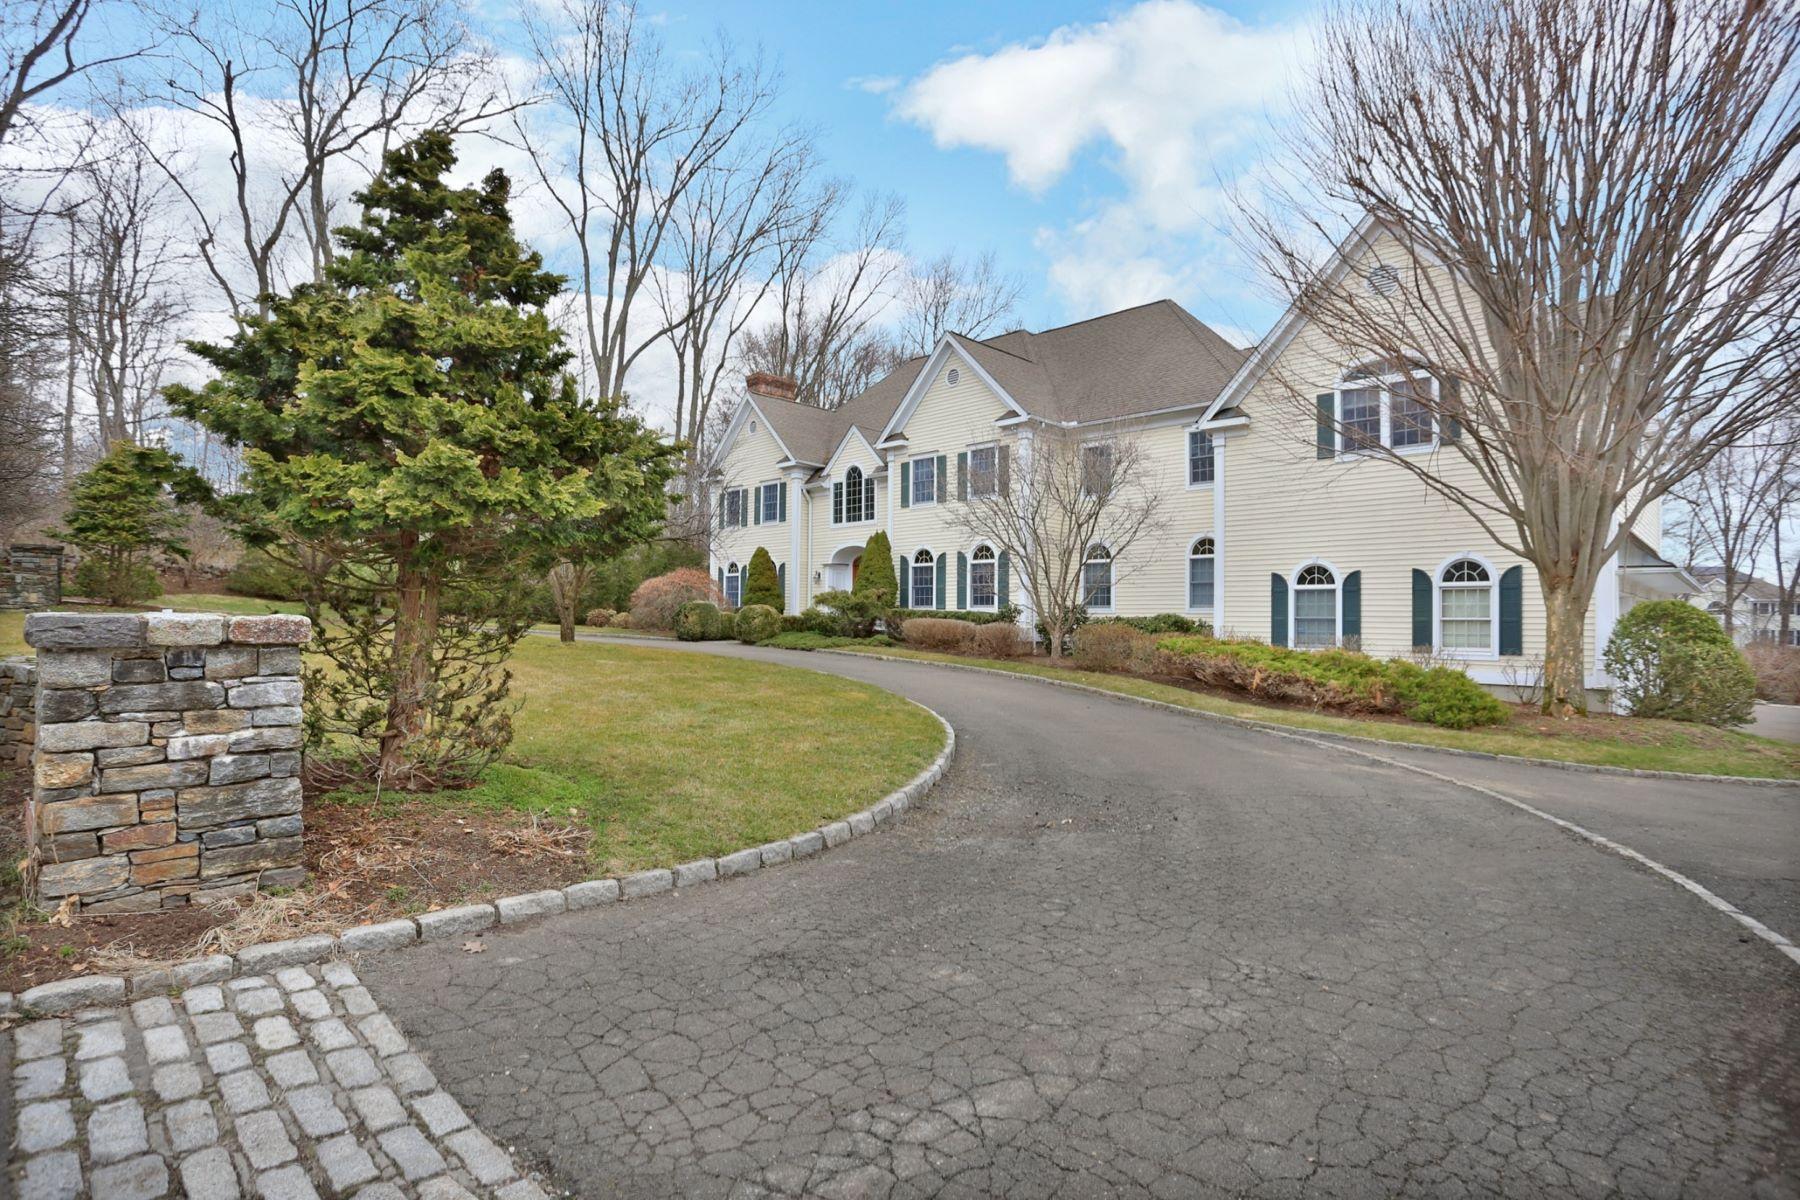 独户住宅 为 销售 在 18 Pine Ridge Road 18 Pine Ridge Road 威尔顿, 康涅狄格州 06897 美国